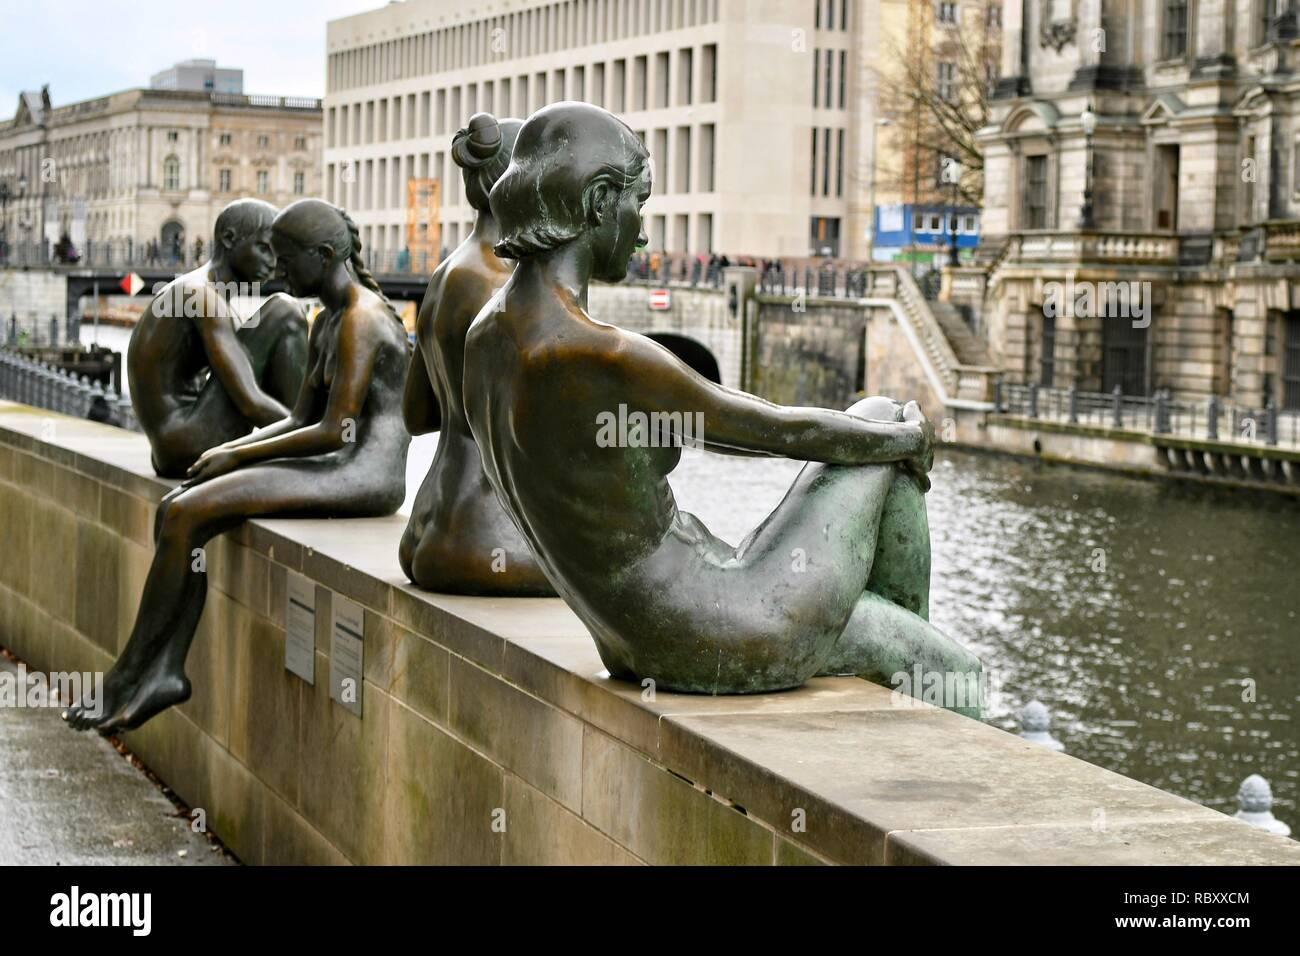 Drei Mädchen und ein Junge statues in Berlin - Stock Image